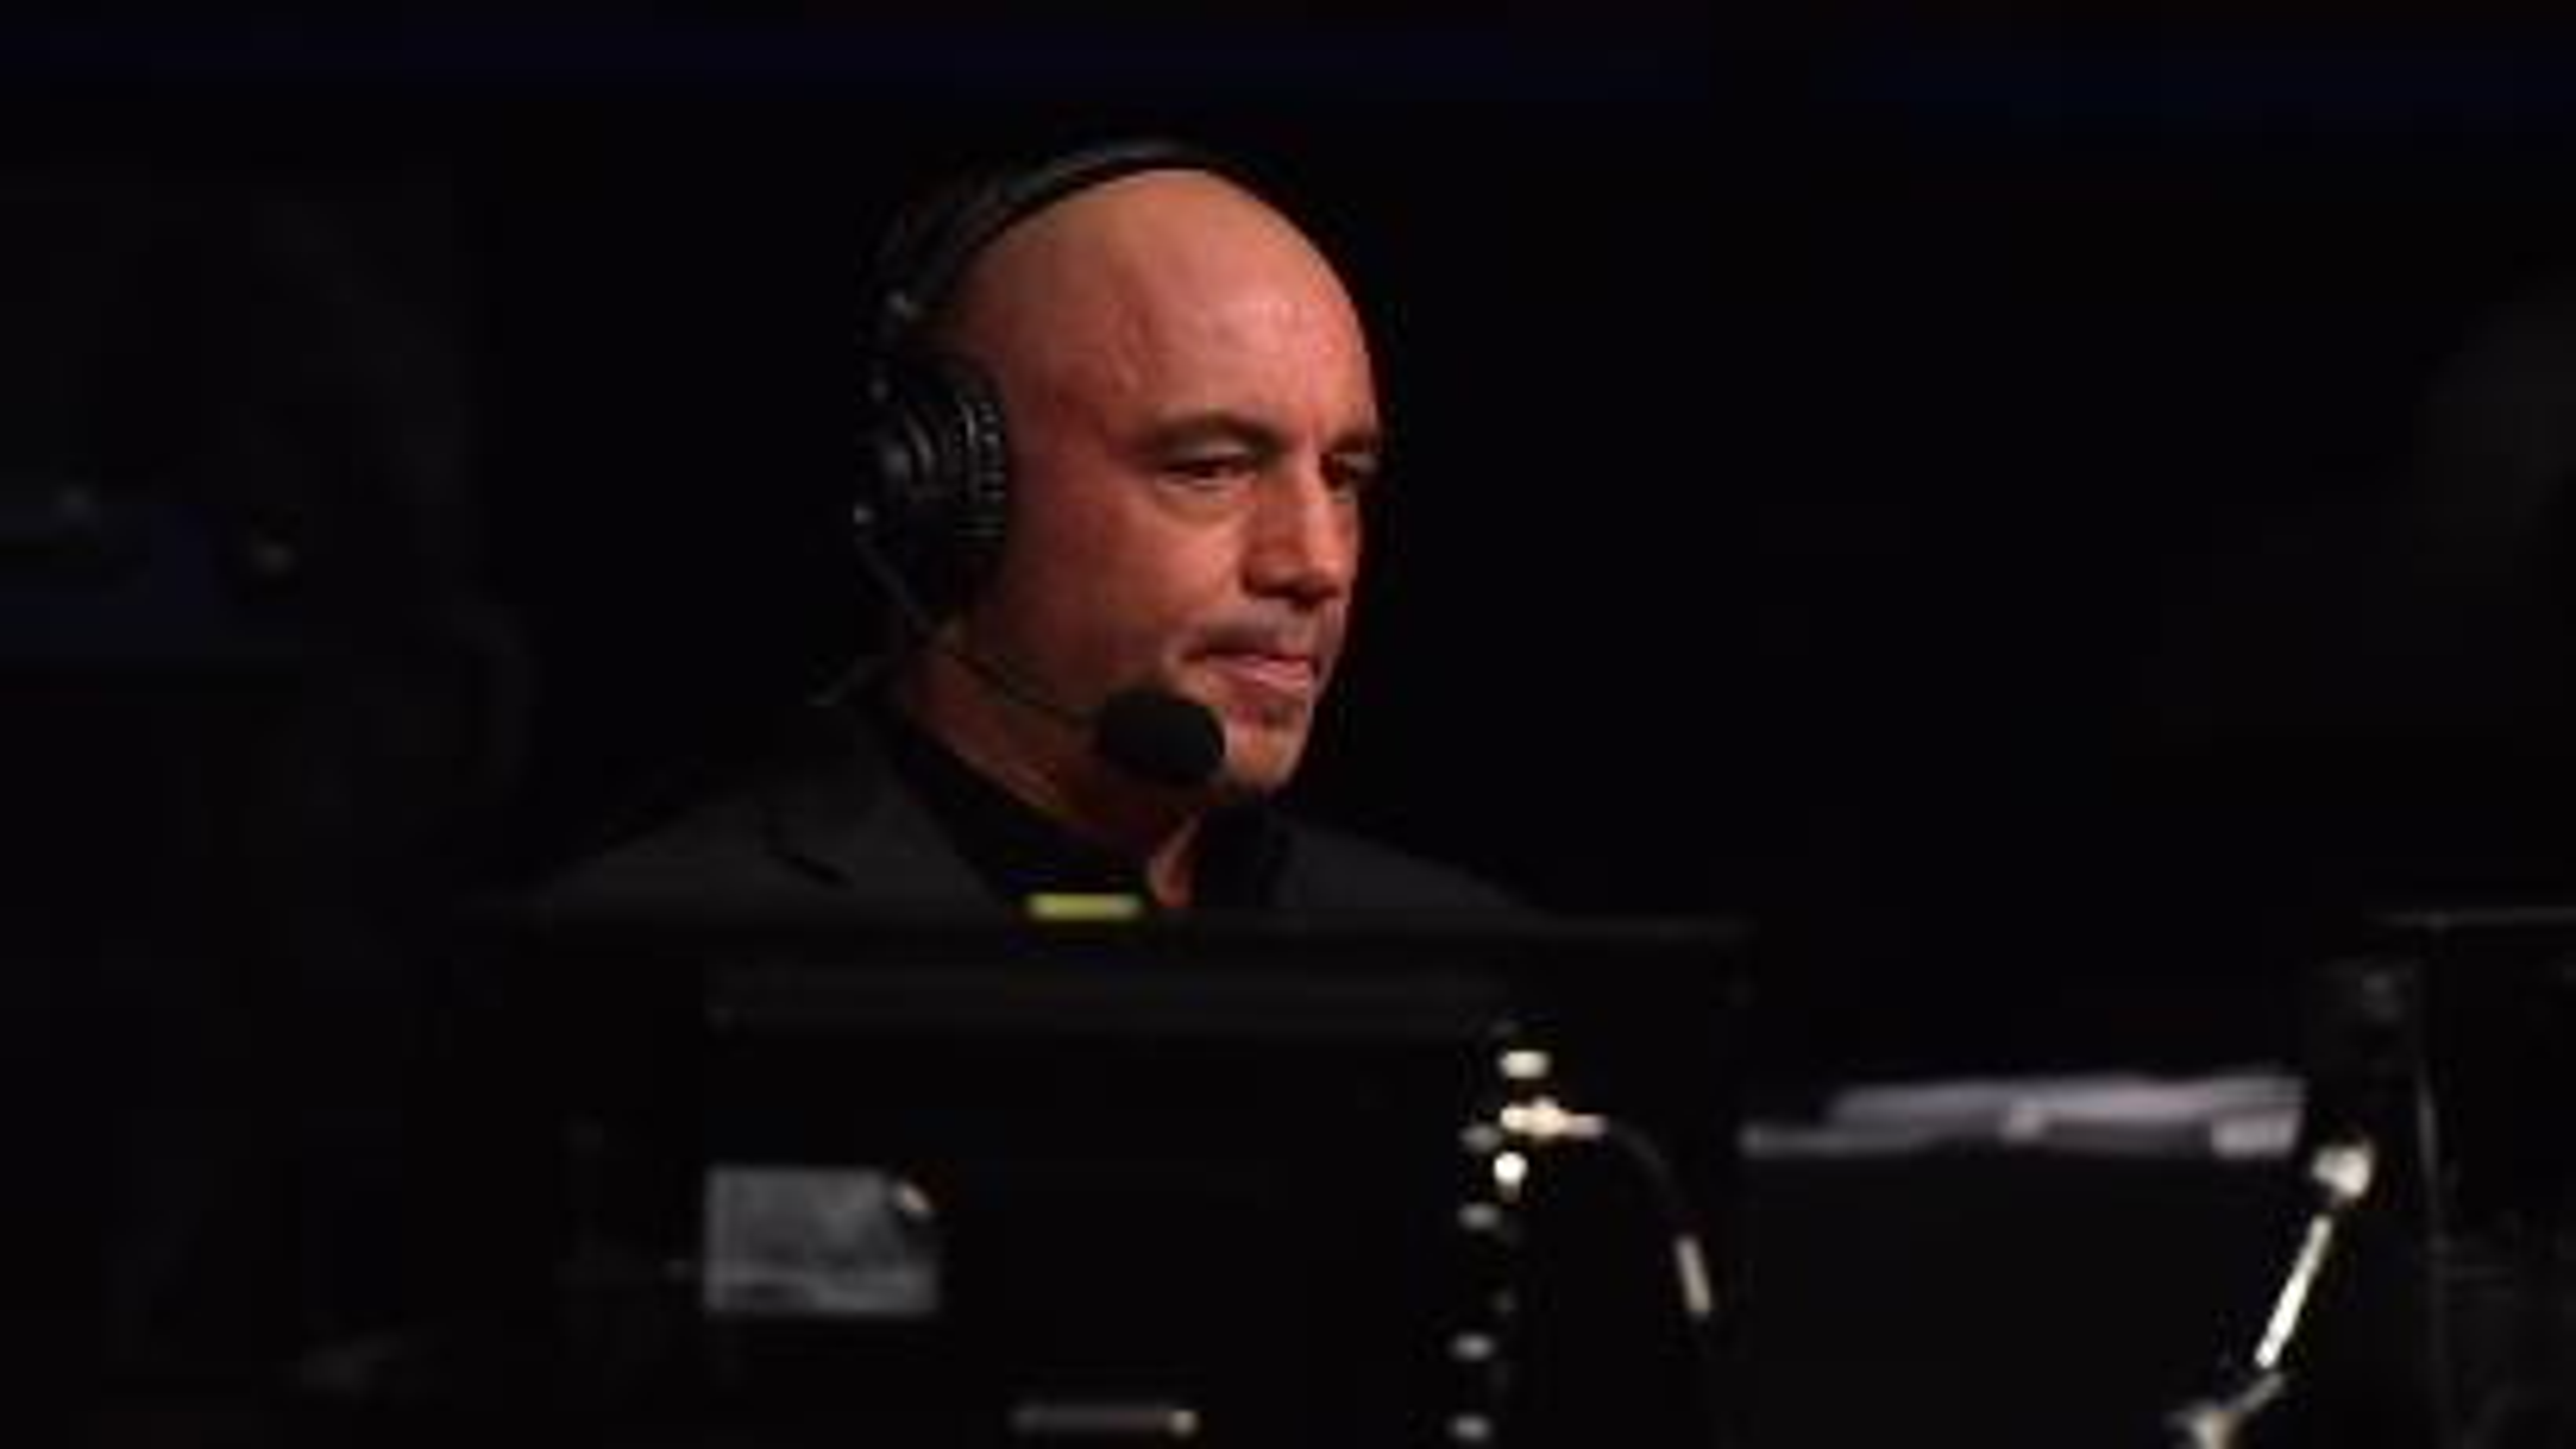 The podcast host Joe Rogan